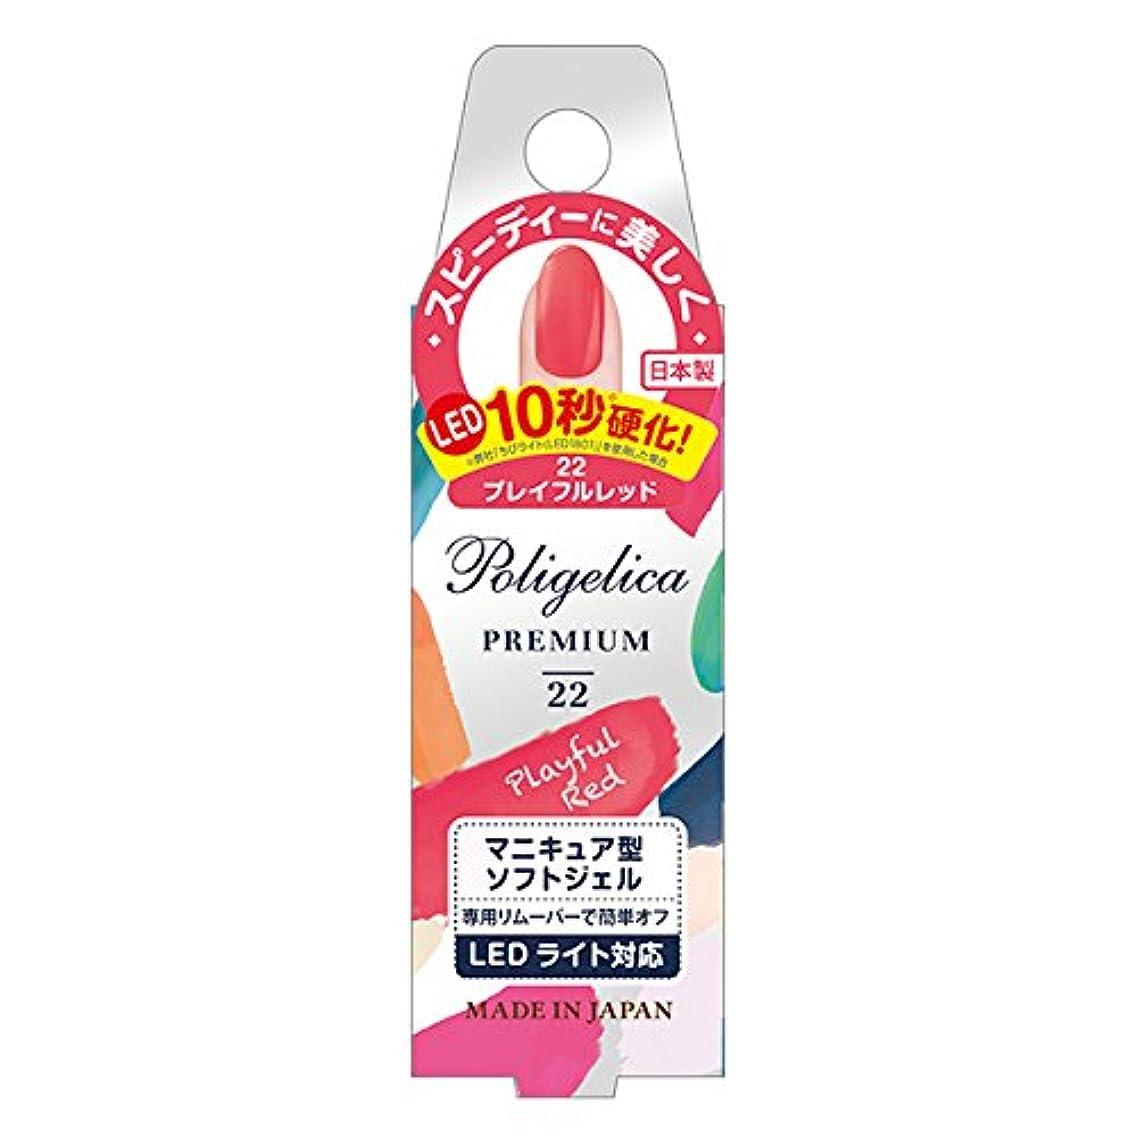 レモン十代無駄BW ポリジェリカプレミアム カラージェル APGC 1022 プレイフルレッド (6g)